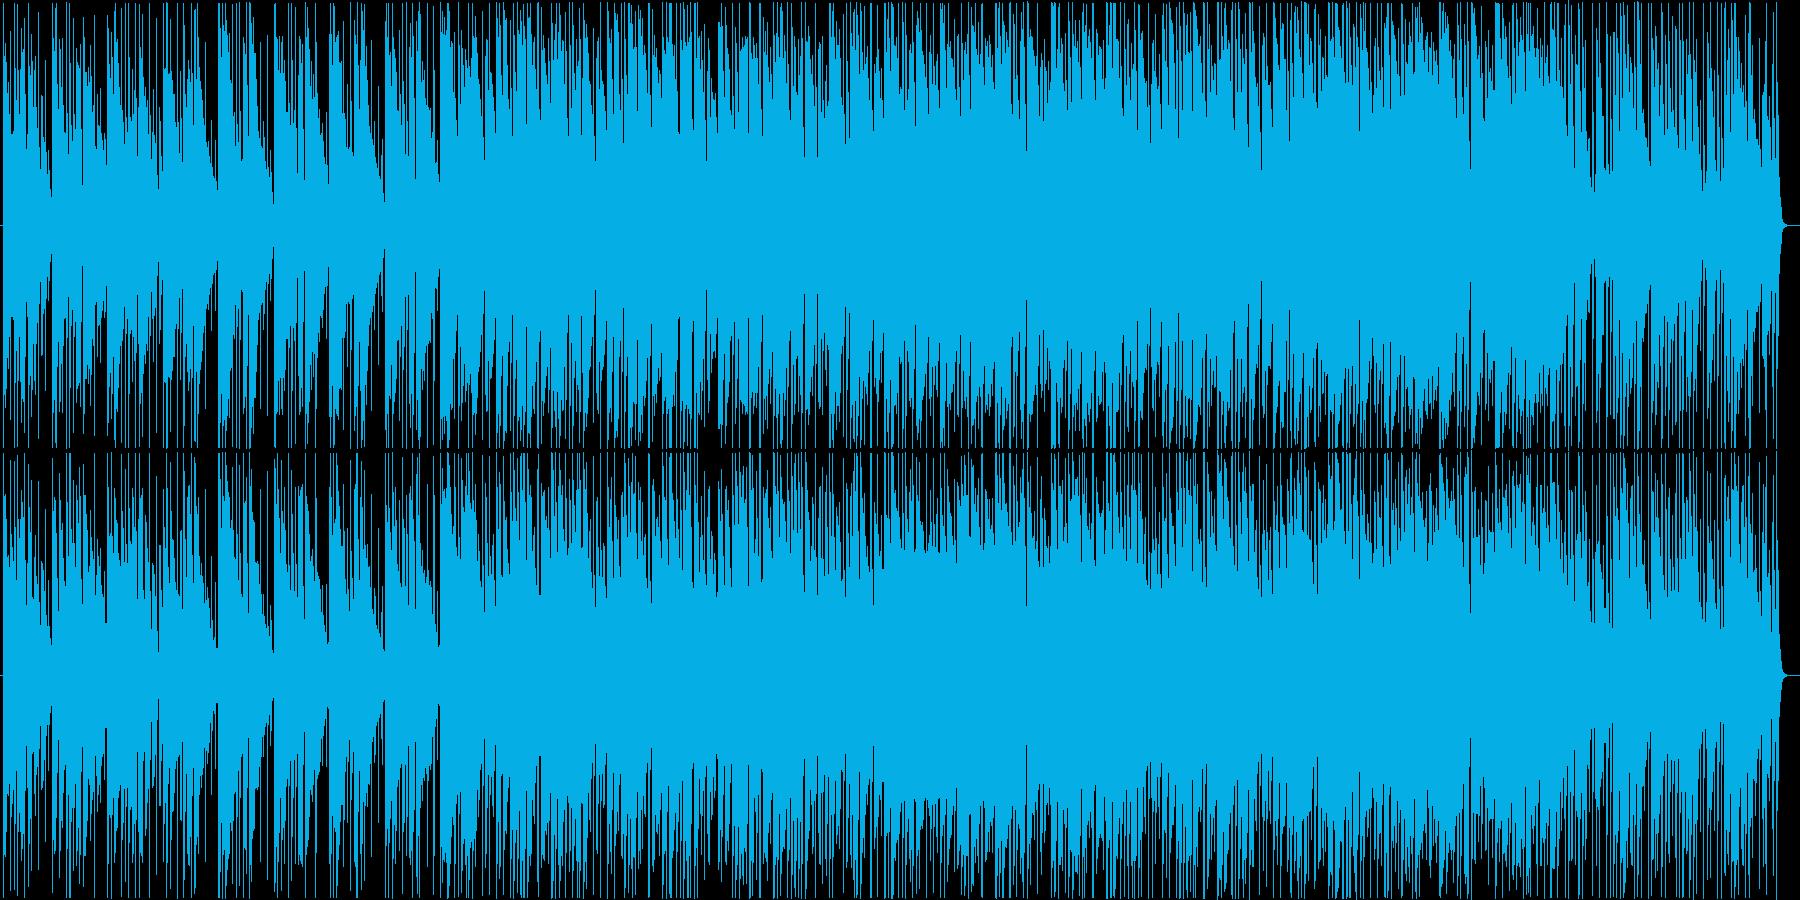 ★リゾート風★癒し系オシャレピアノボサの再生済みの波形